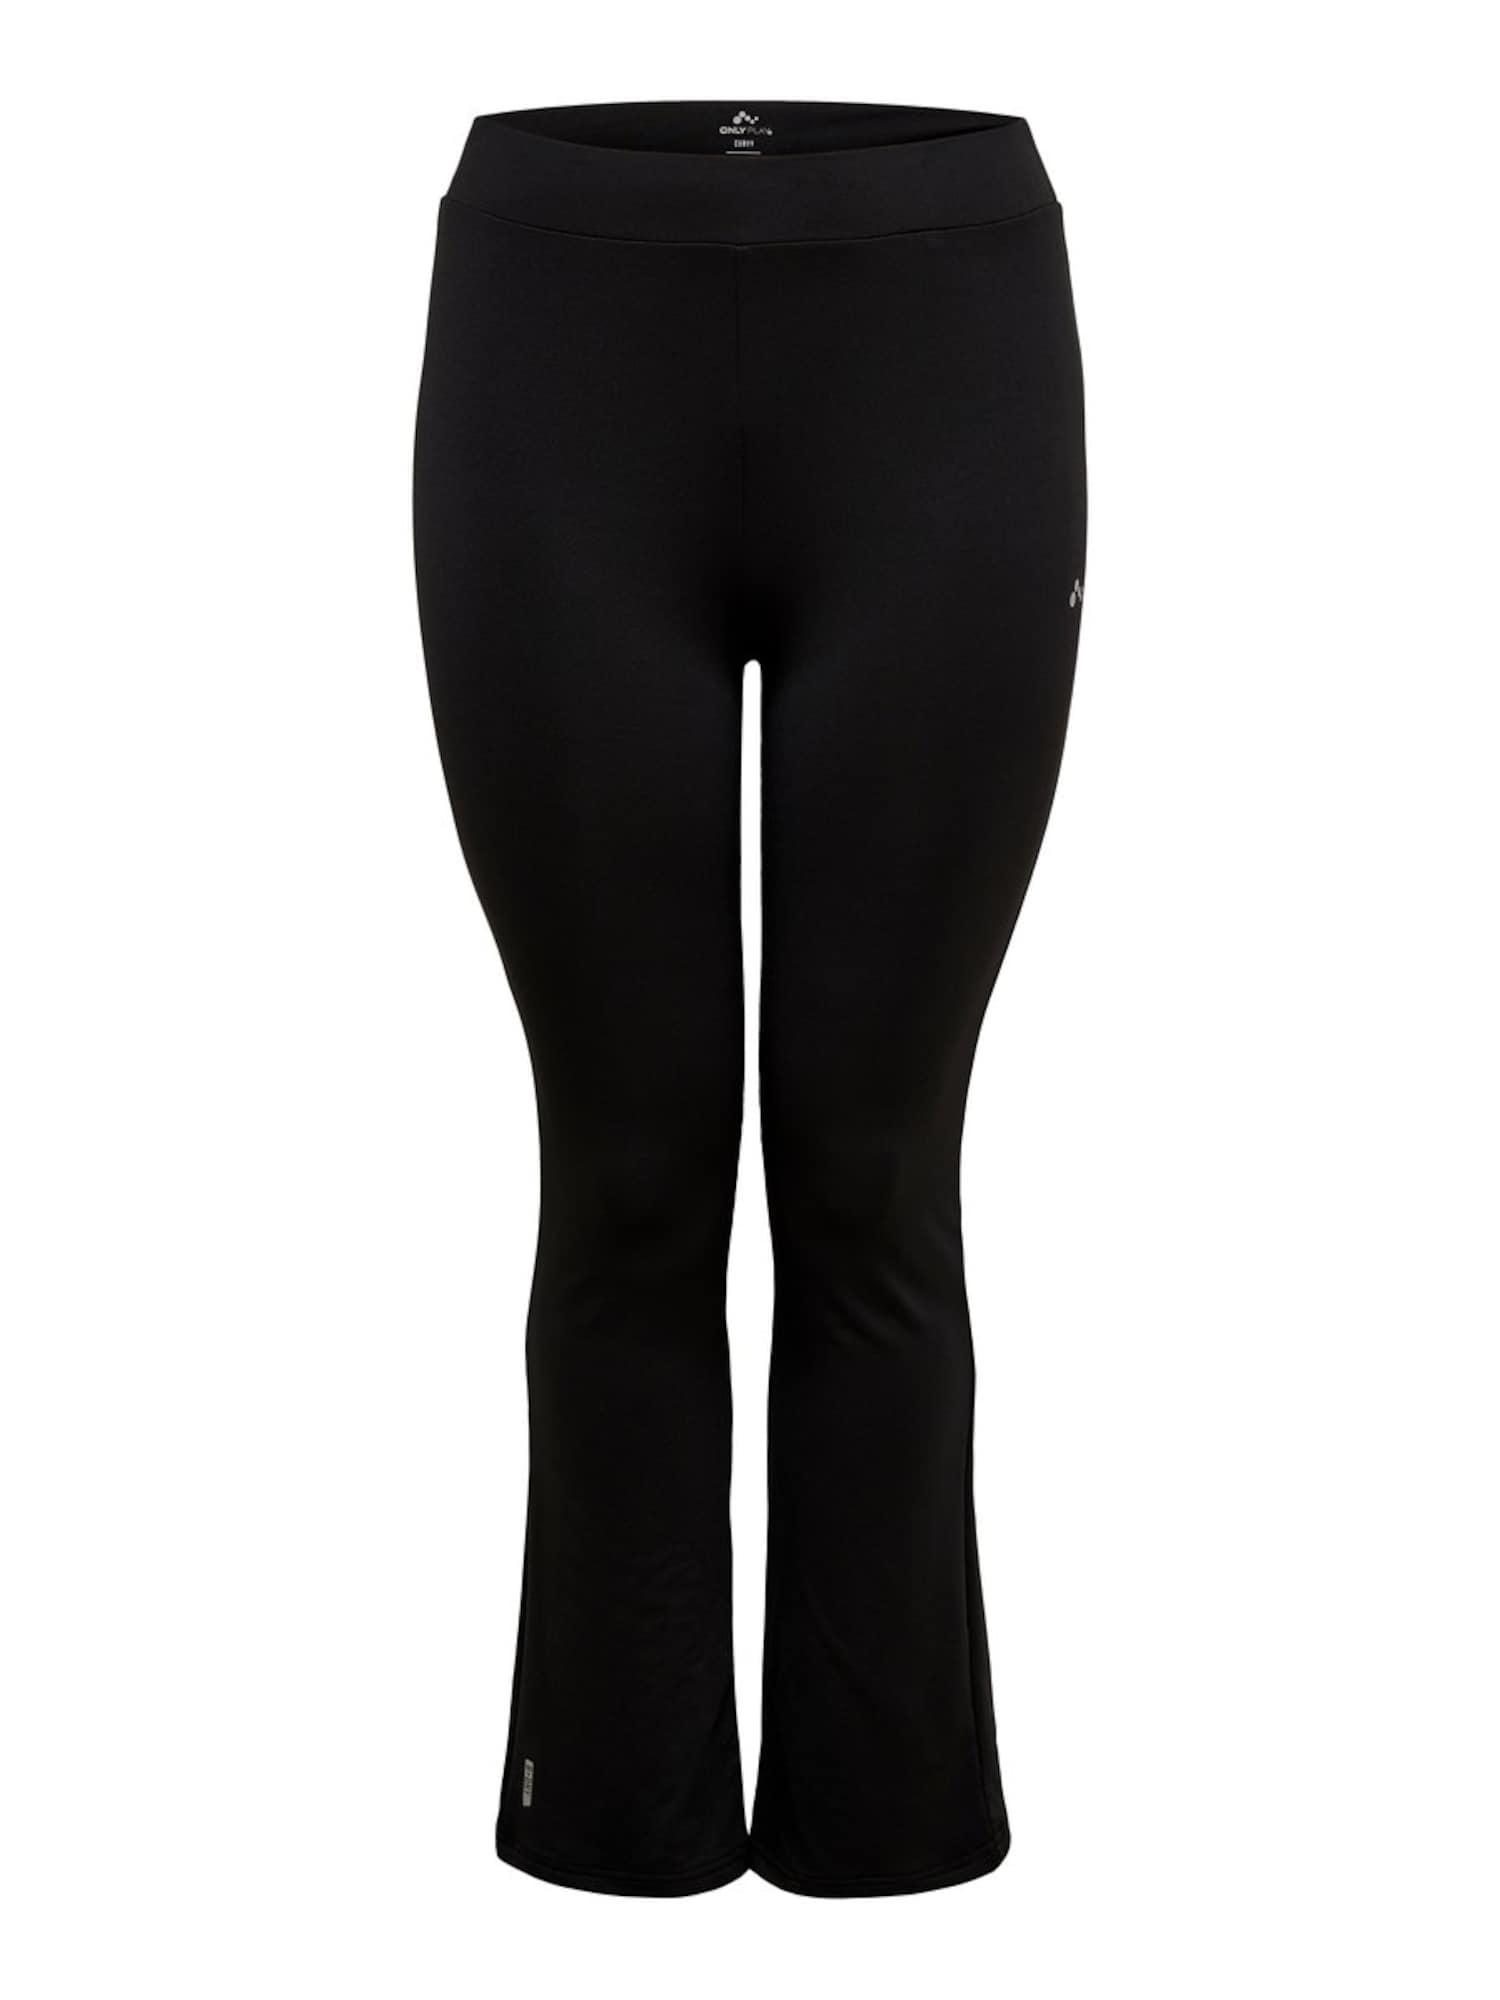 Sportovní kalhoty onpNICOLE JAZZ TRAINING PANTS - CURVY černá Only Play Curvy